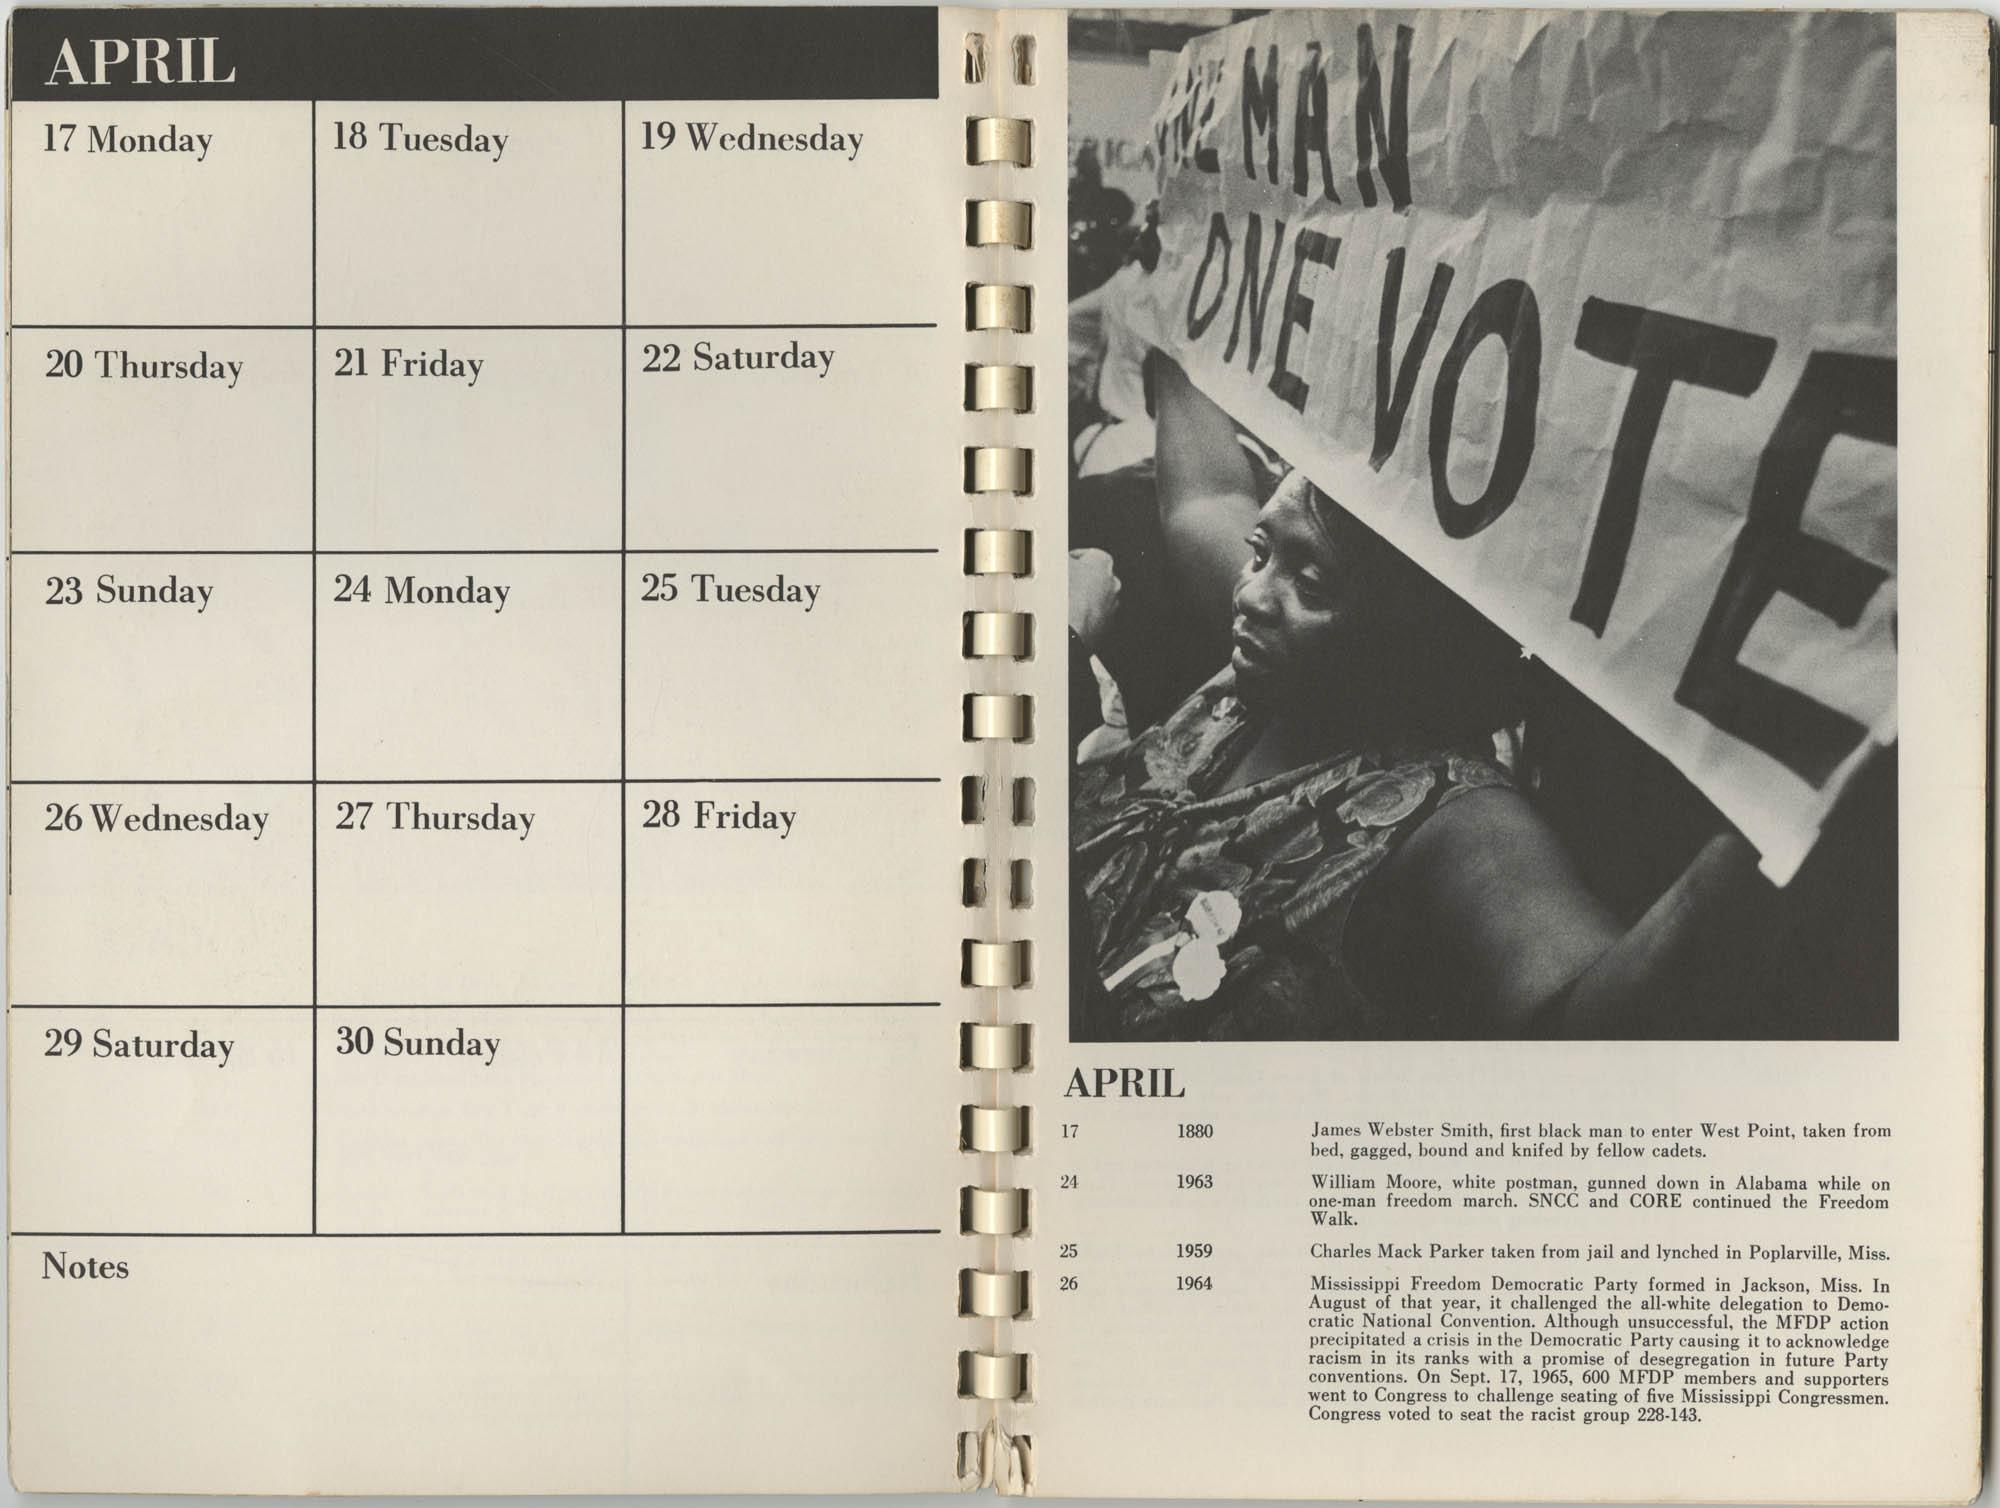 1967 SNCC Calendar, April 17-30